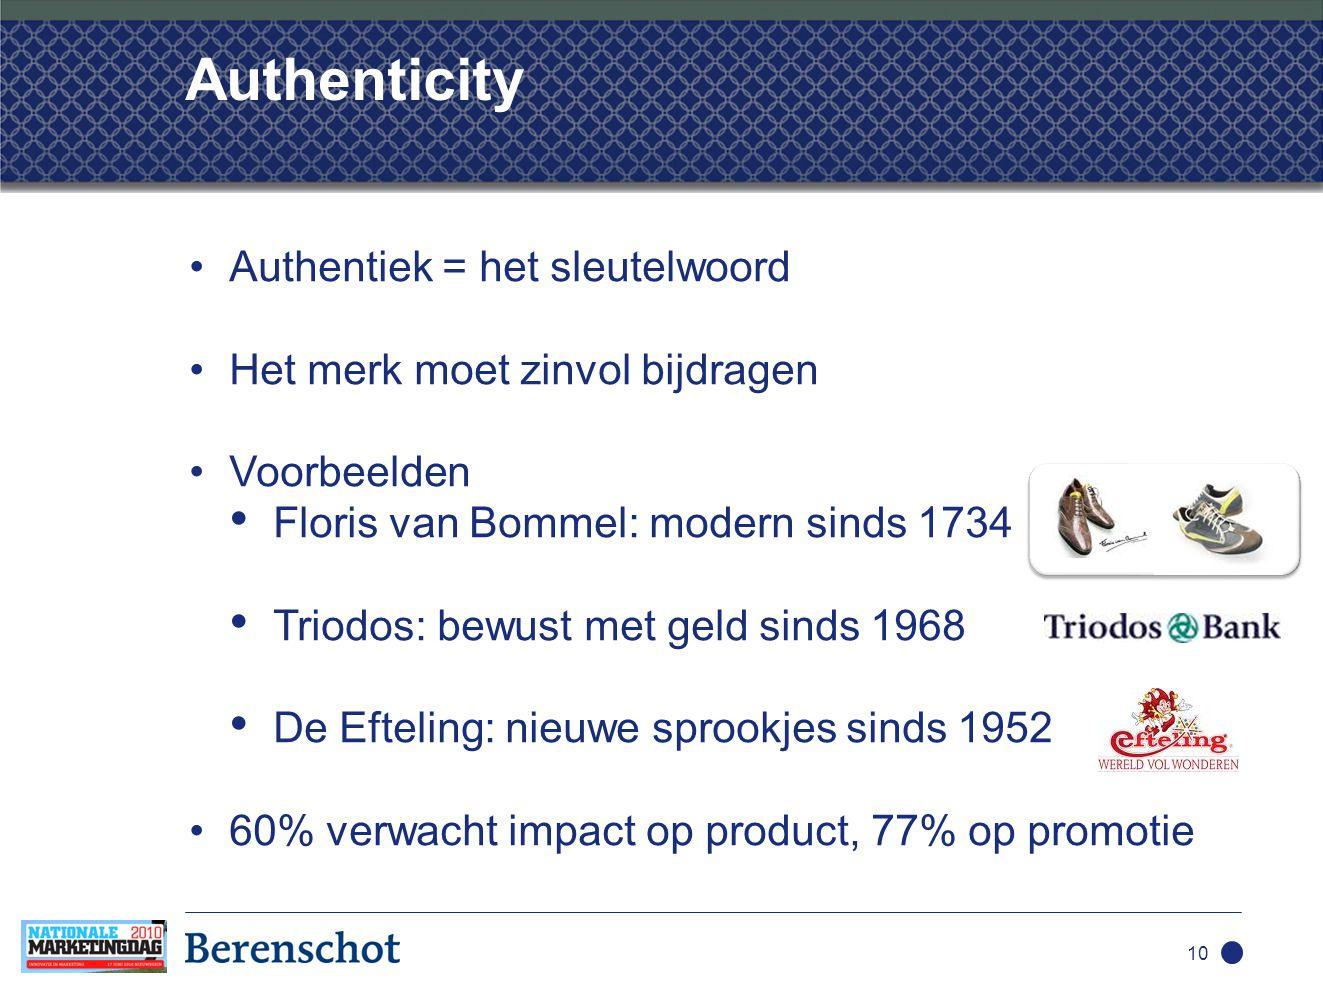 Authenticity •Authentiek = het sleutelwoord •Het merk moet zinvol bijdragen •Voorbeelden • Floris van Bommel: modern sinds 1734 • Triodos: bewust met geld sinds 1968 • De Efteling: nieuwe sprookjes sinds 1952 •60% verwacht impact op product, 77% op promotie 10